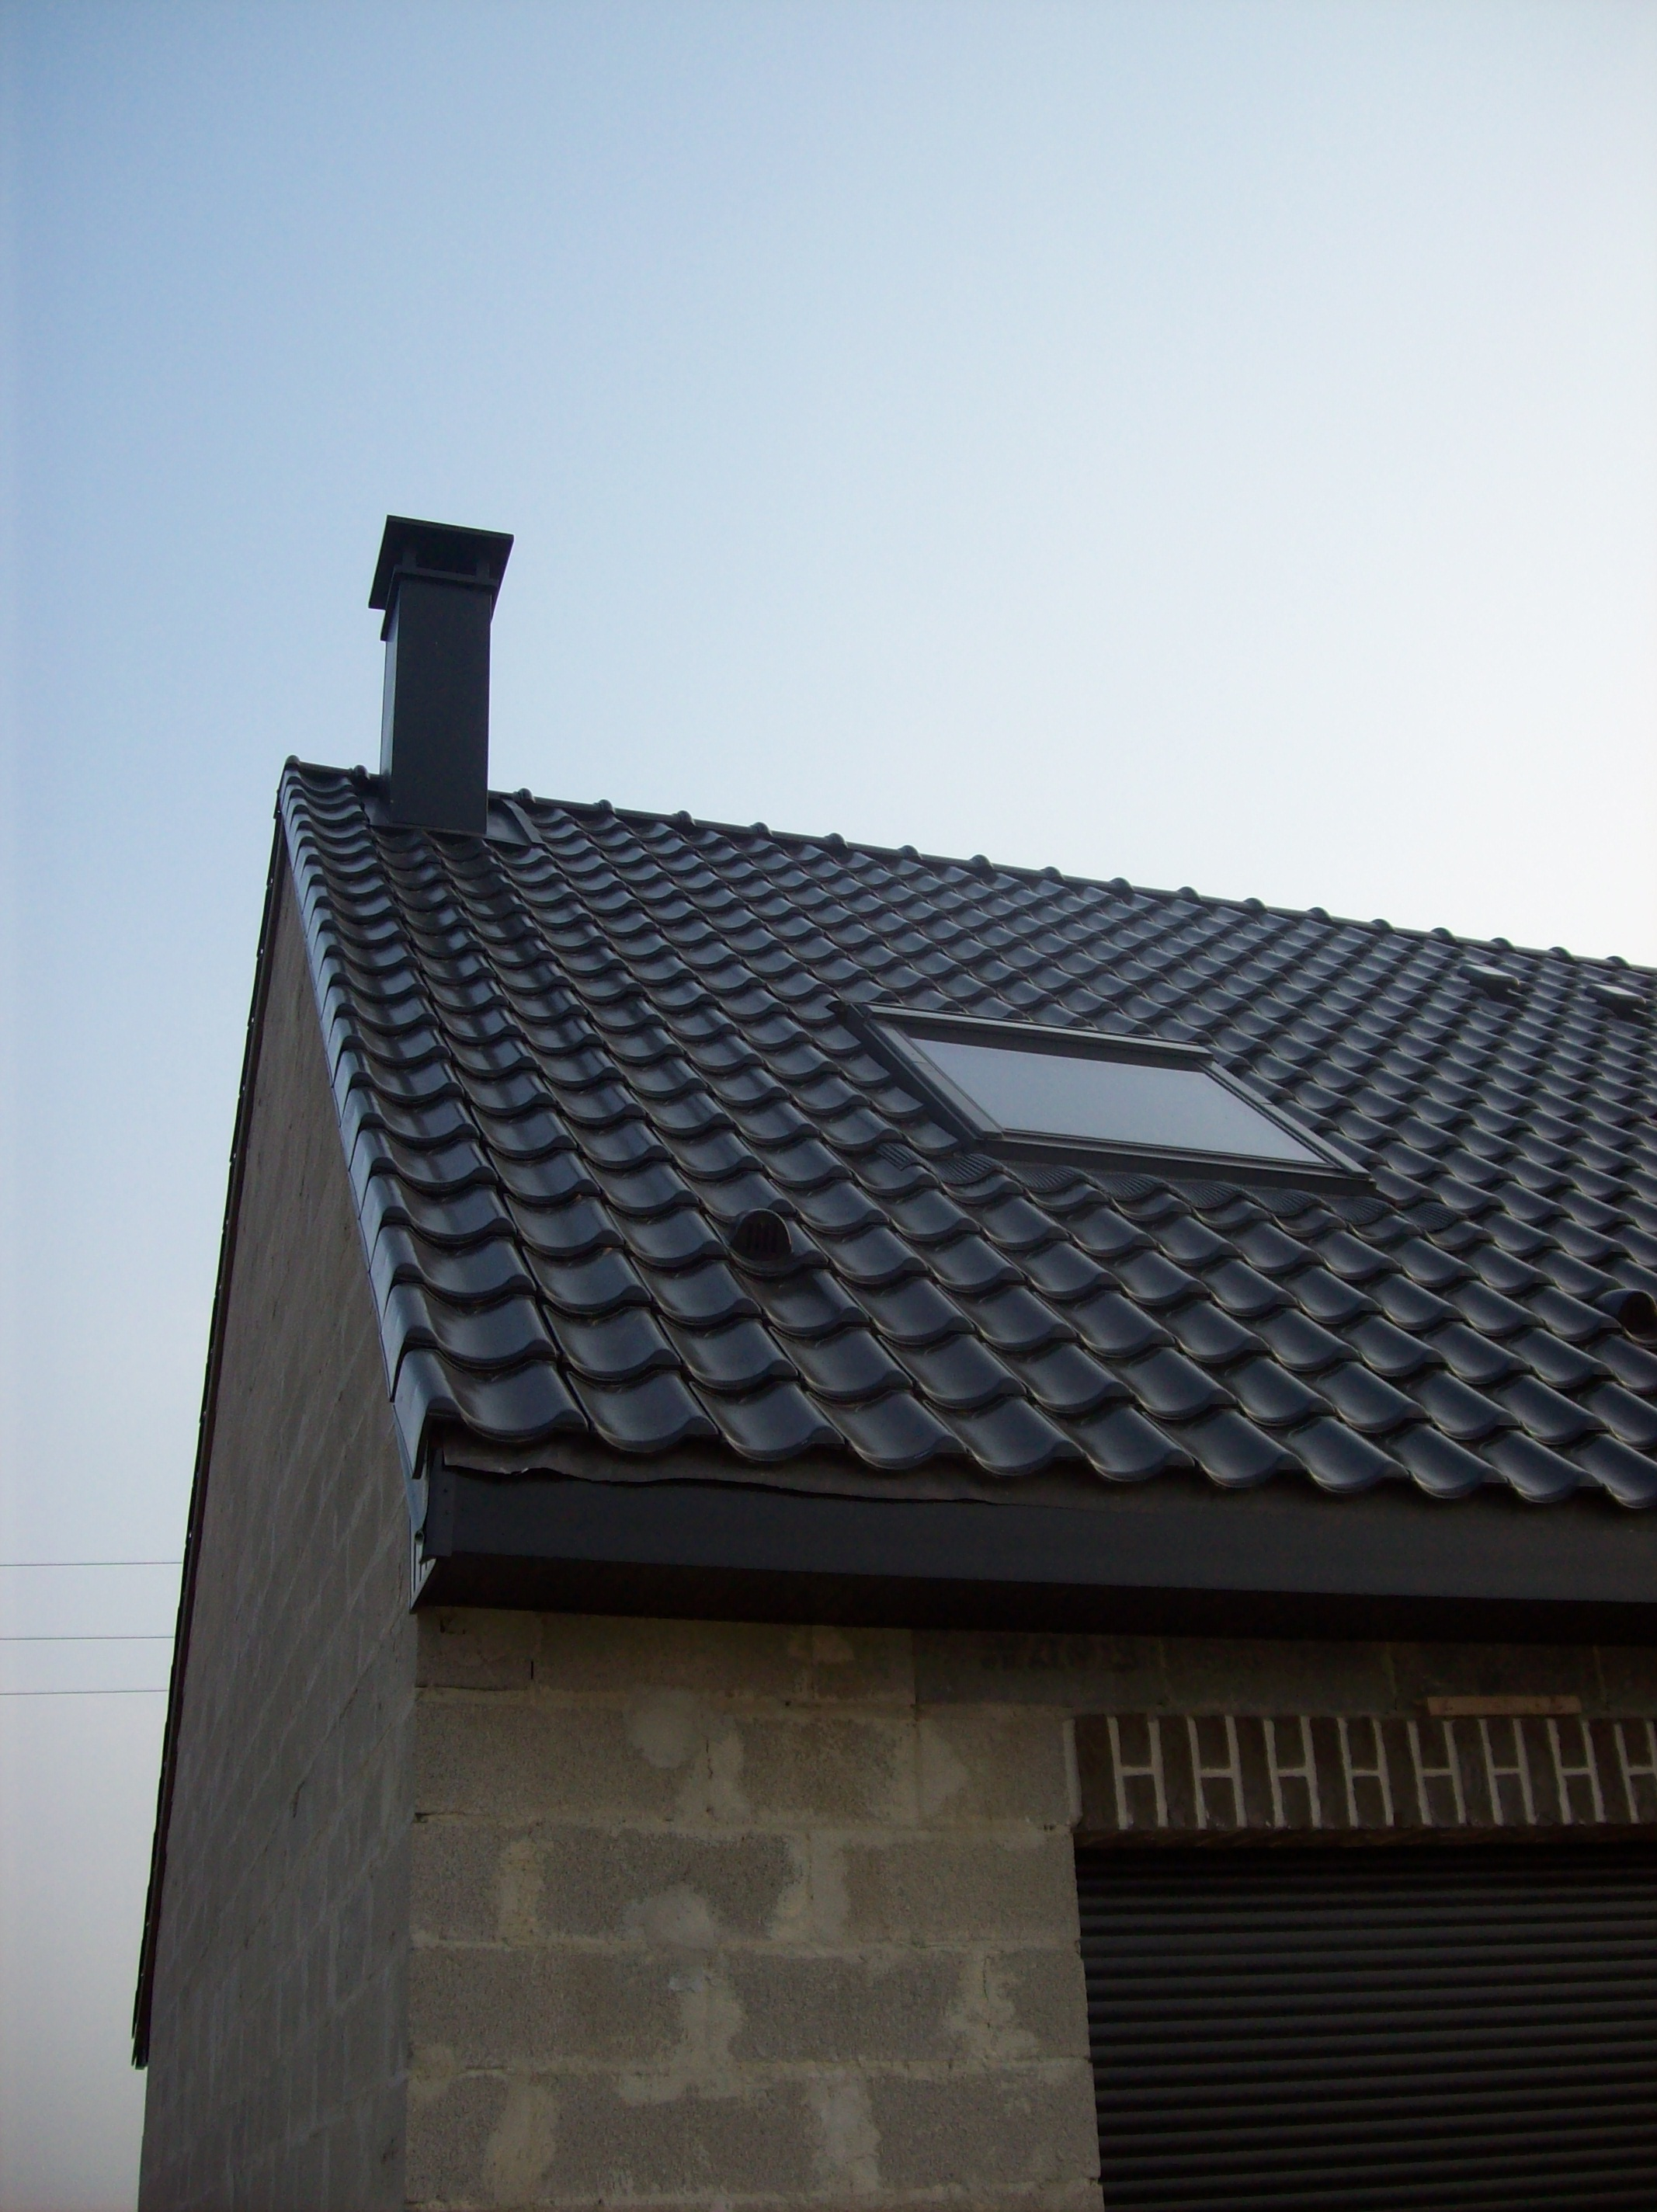 souche de cheminee constructionserieuse62acq. Black Bedroom Furniture Sets. Home Design Ideas